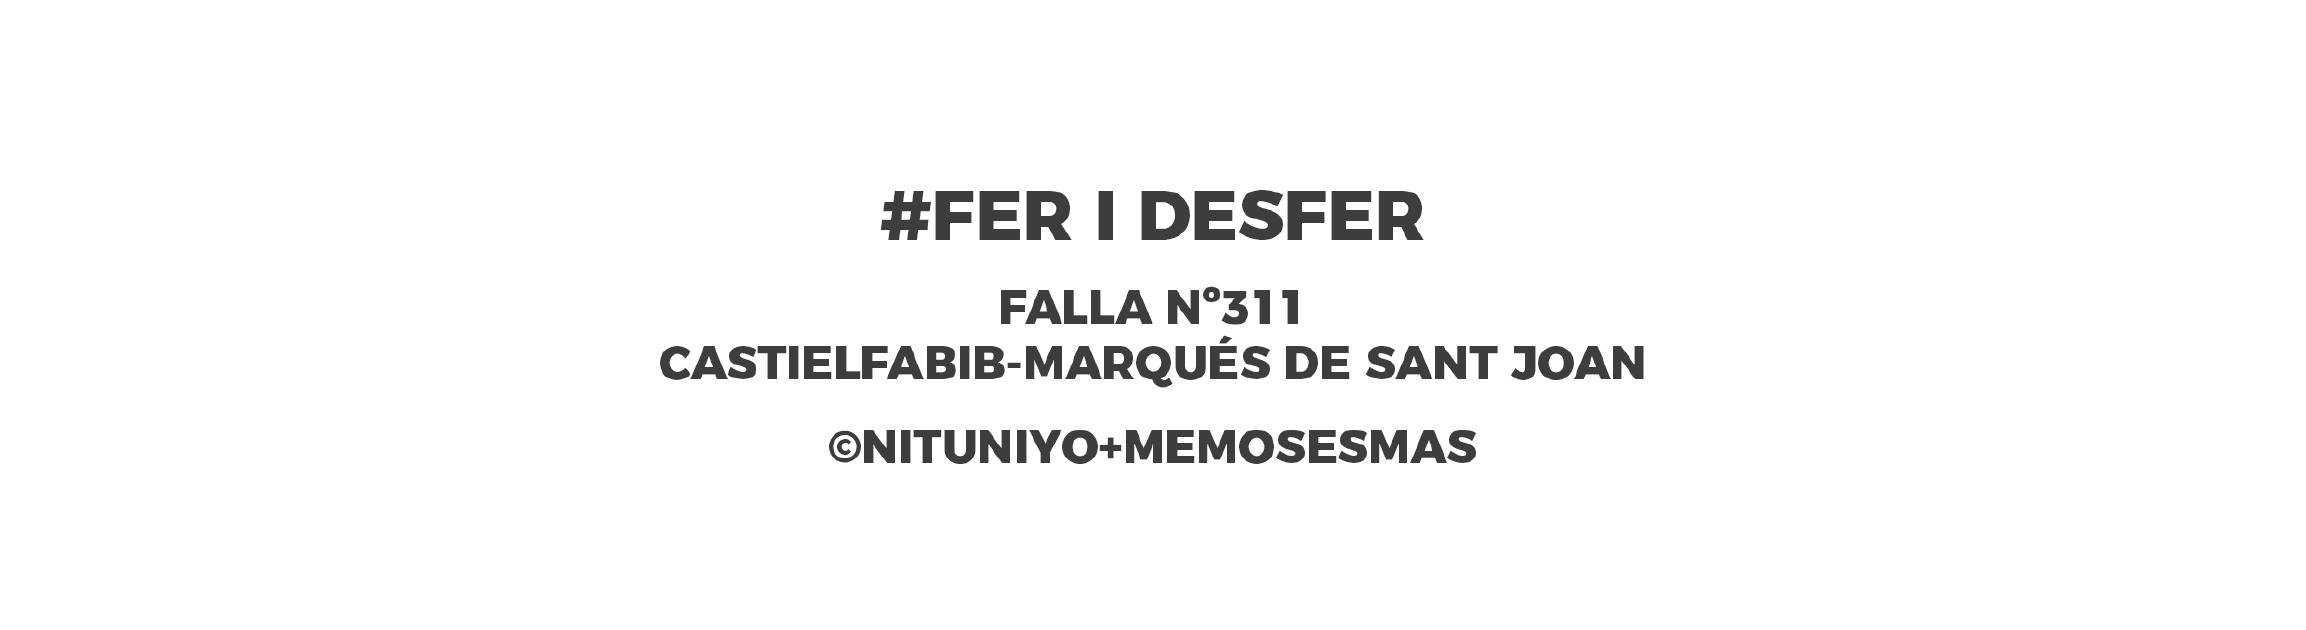 DOSSIER FER I FESFER-12 2